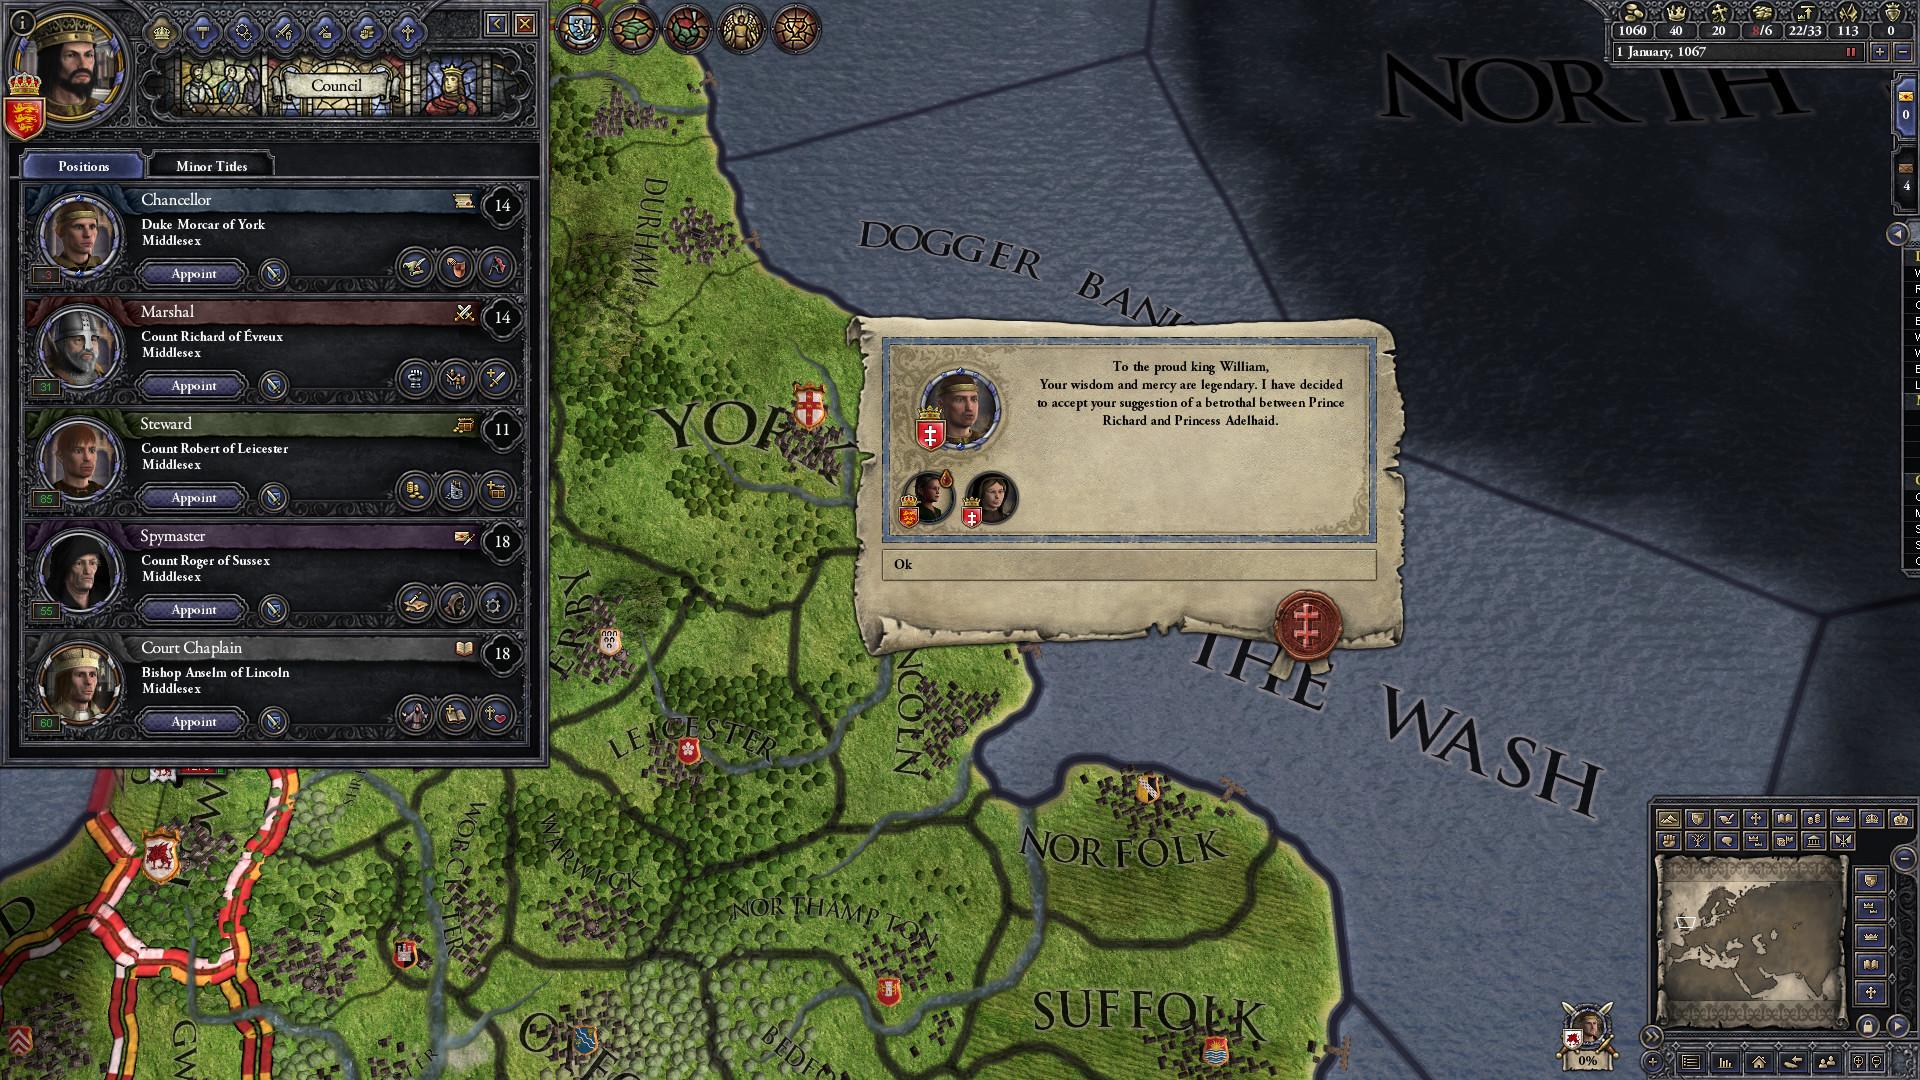 十字军之王2 Crusader Kings II Mac 破解版 即时战略类游戏